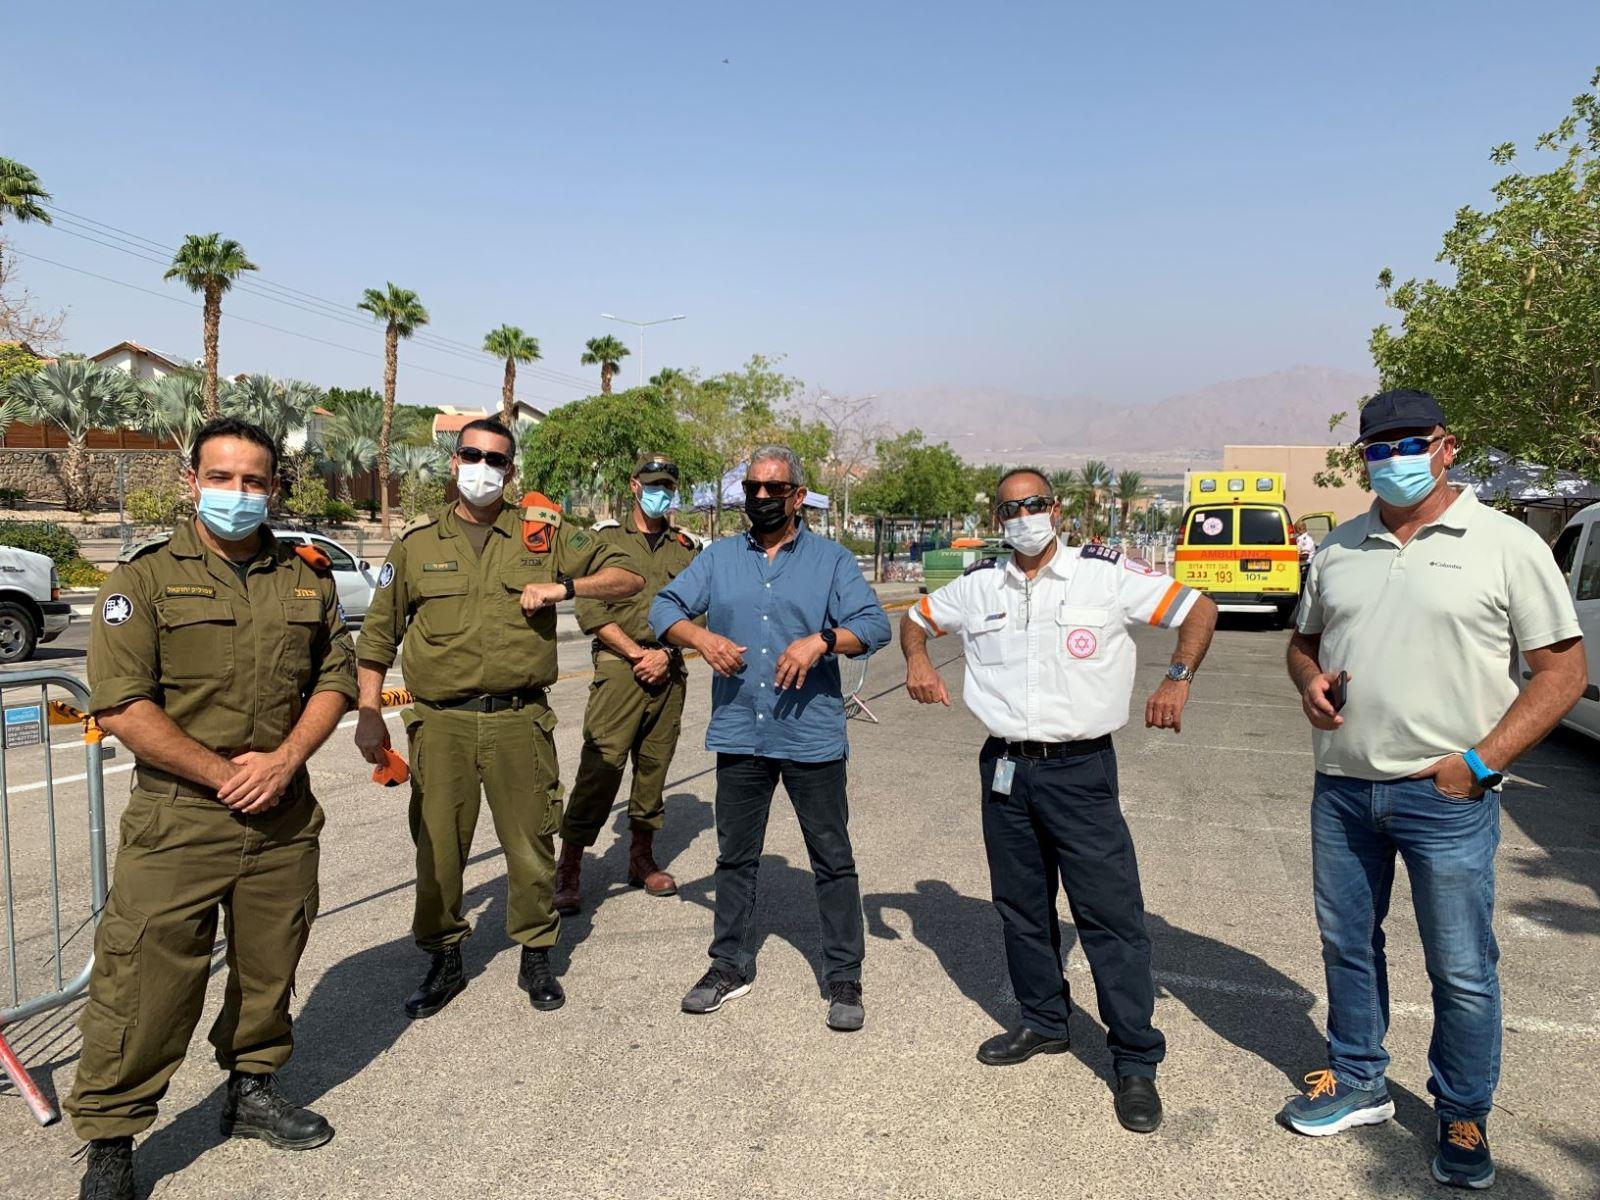 ראש העירייה בפניה דחופה לשרי הממשלה: ''ירושלים דוממת ואילת מדממת''